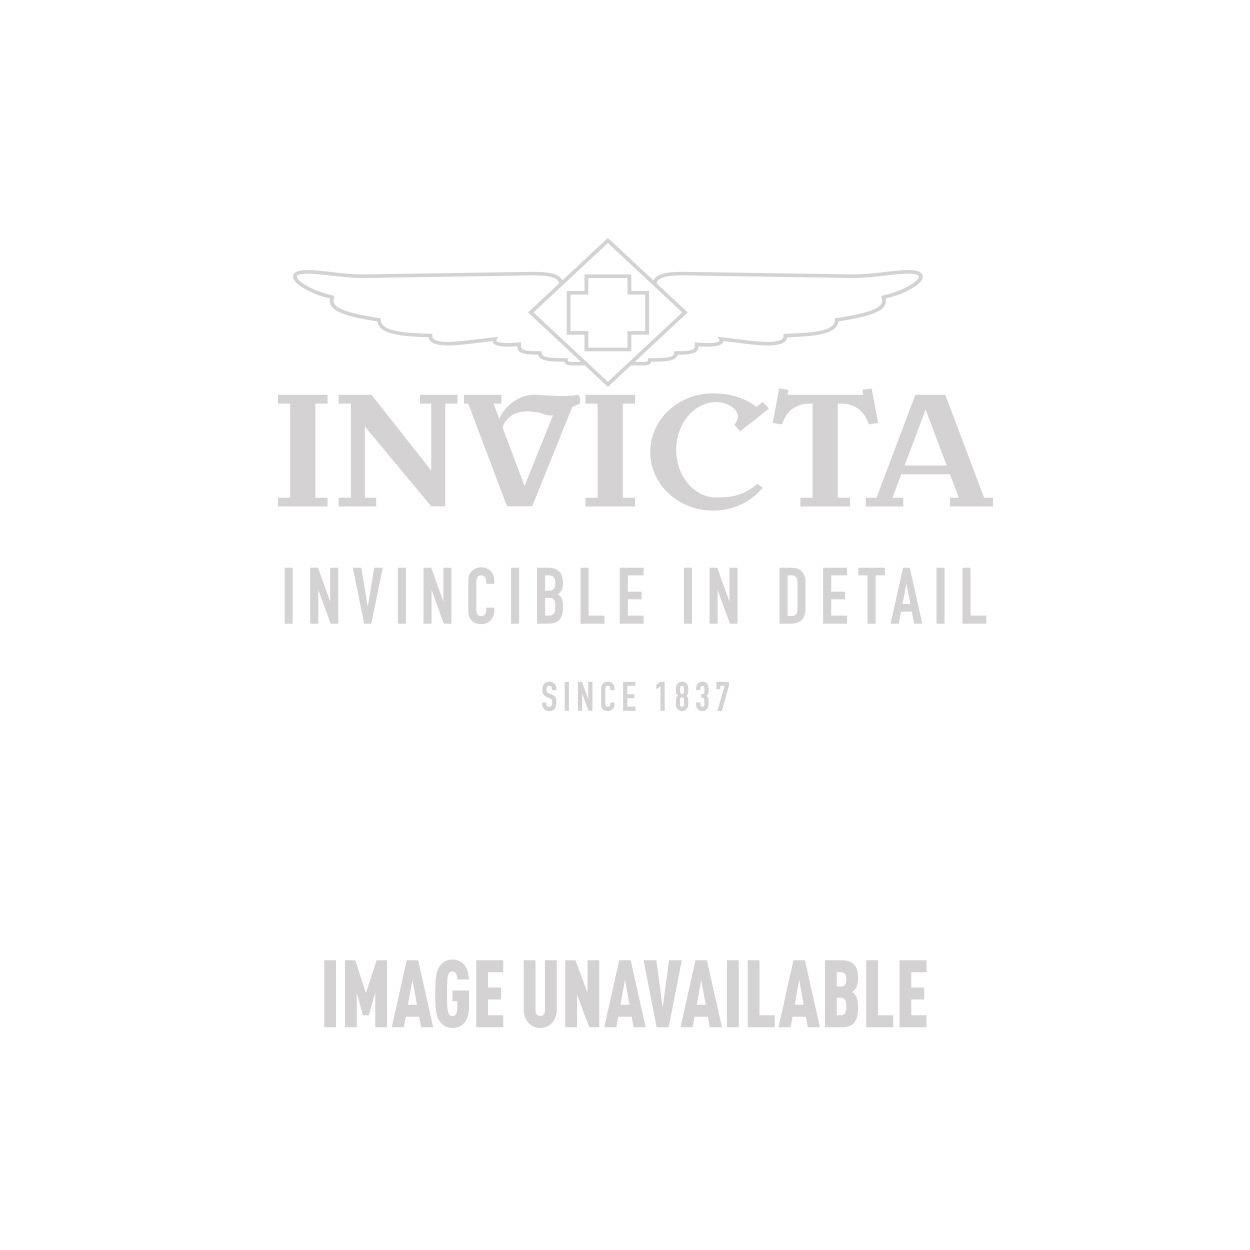 Invicta Model 25257